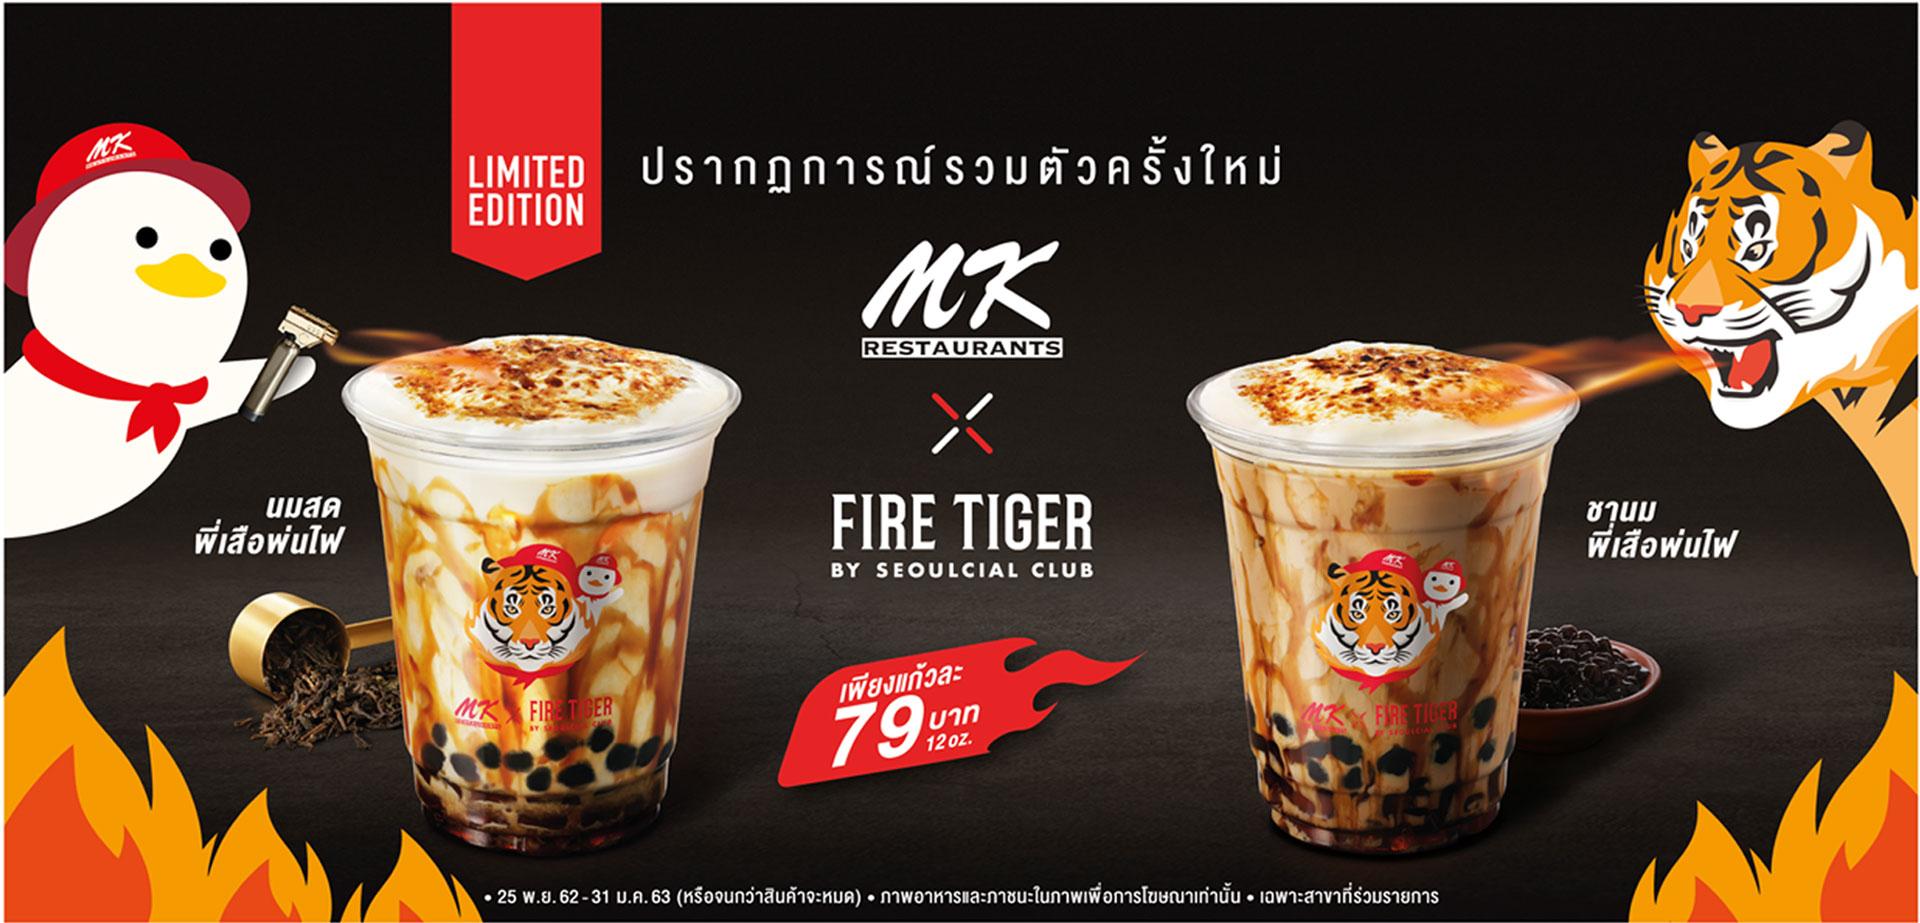 MK X Fire Tiger